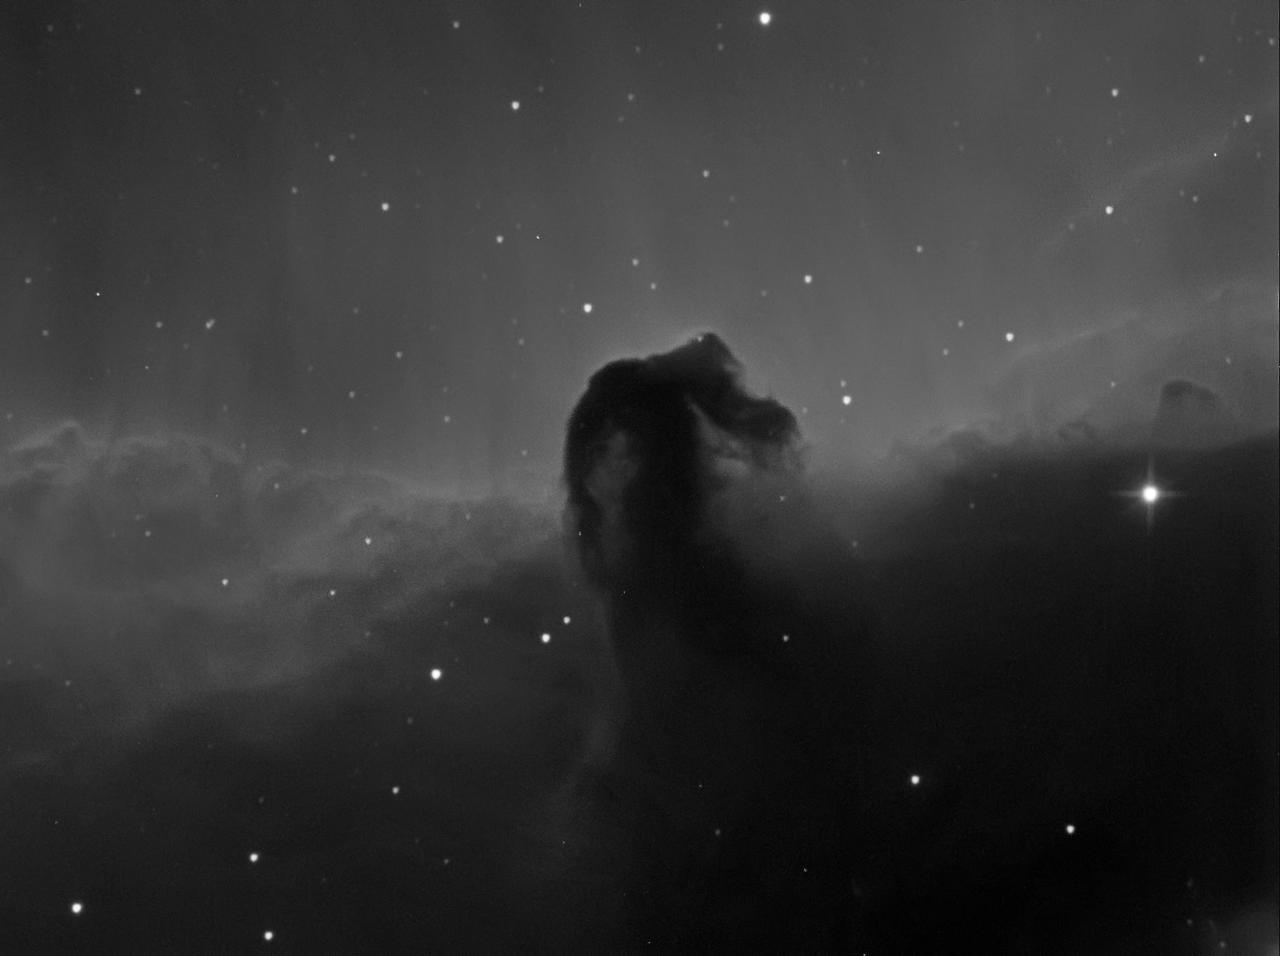 Horsehead Nebula - IC 434